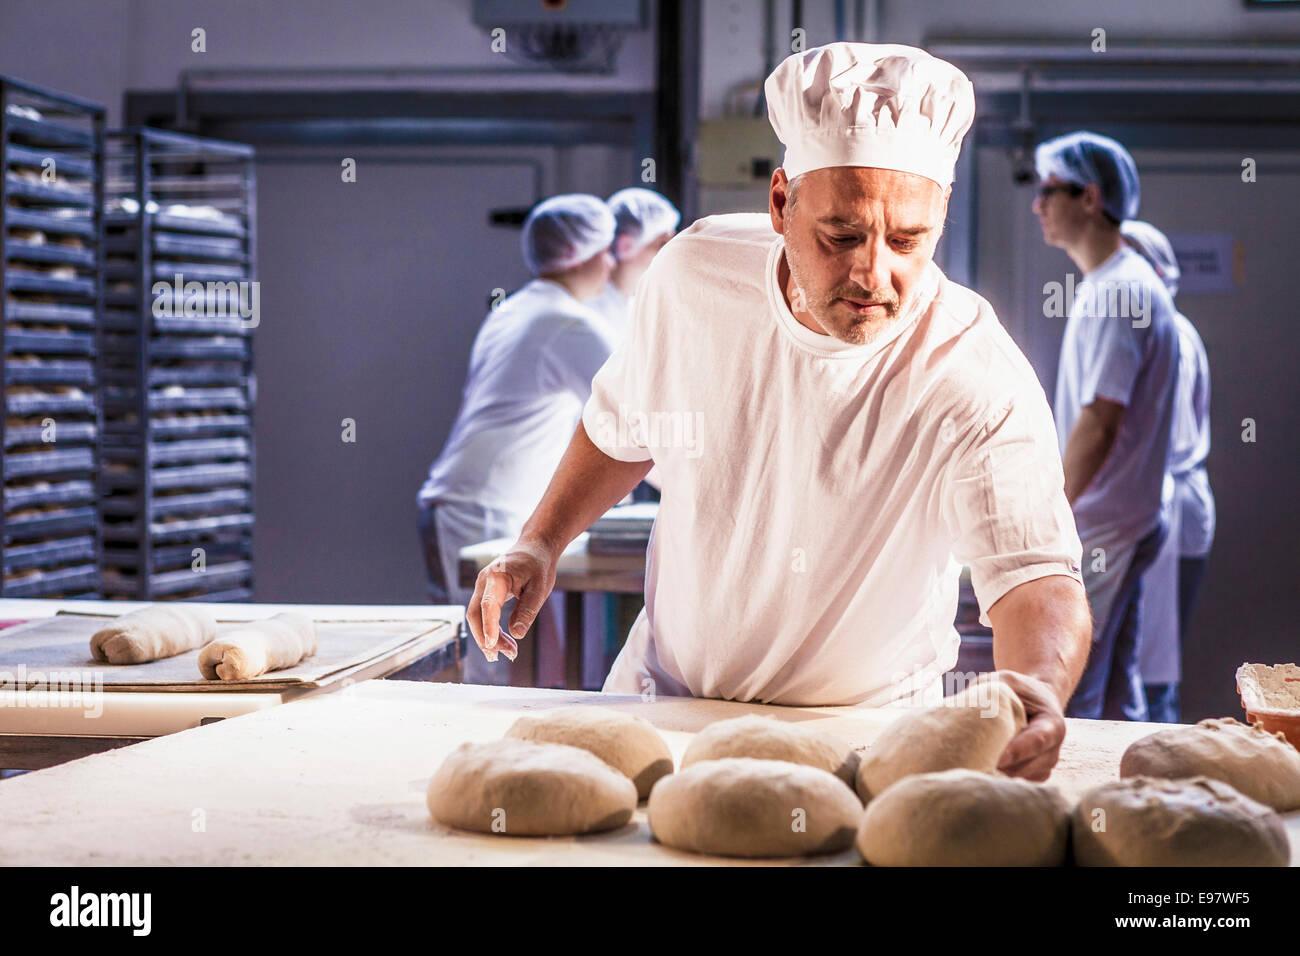 Hornear pan, chef controlando la masa Imagen De Stock